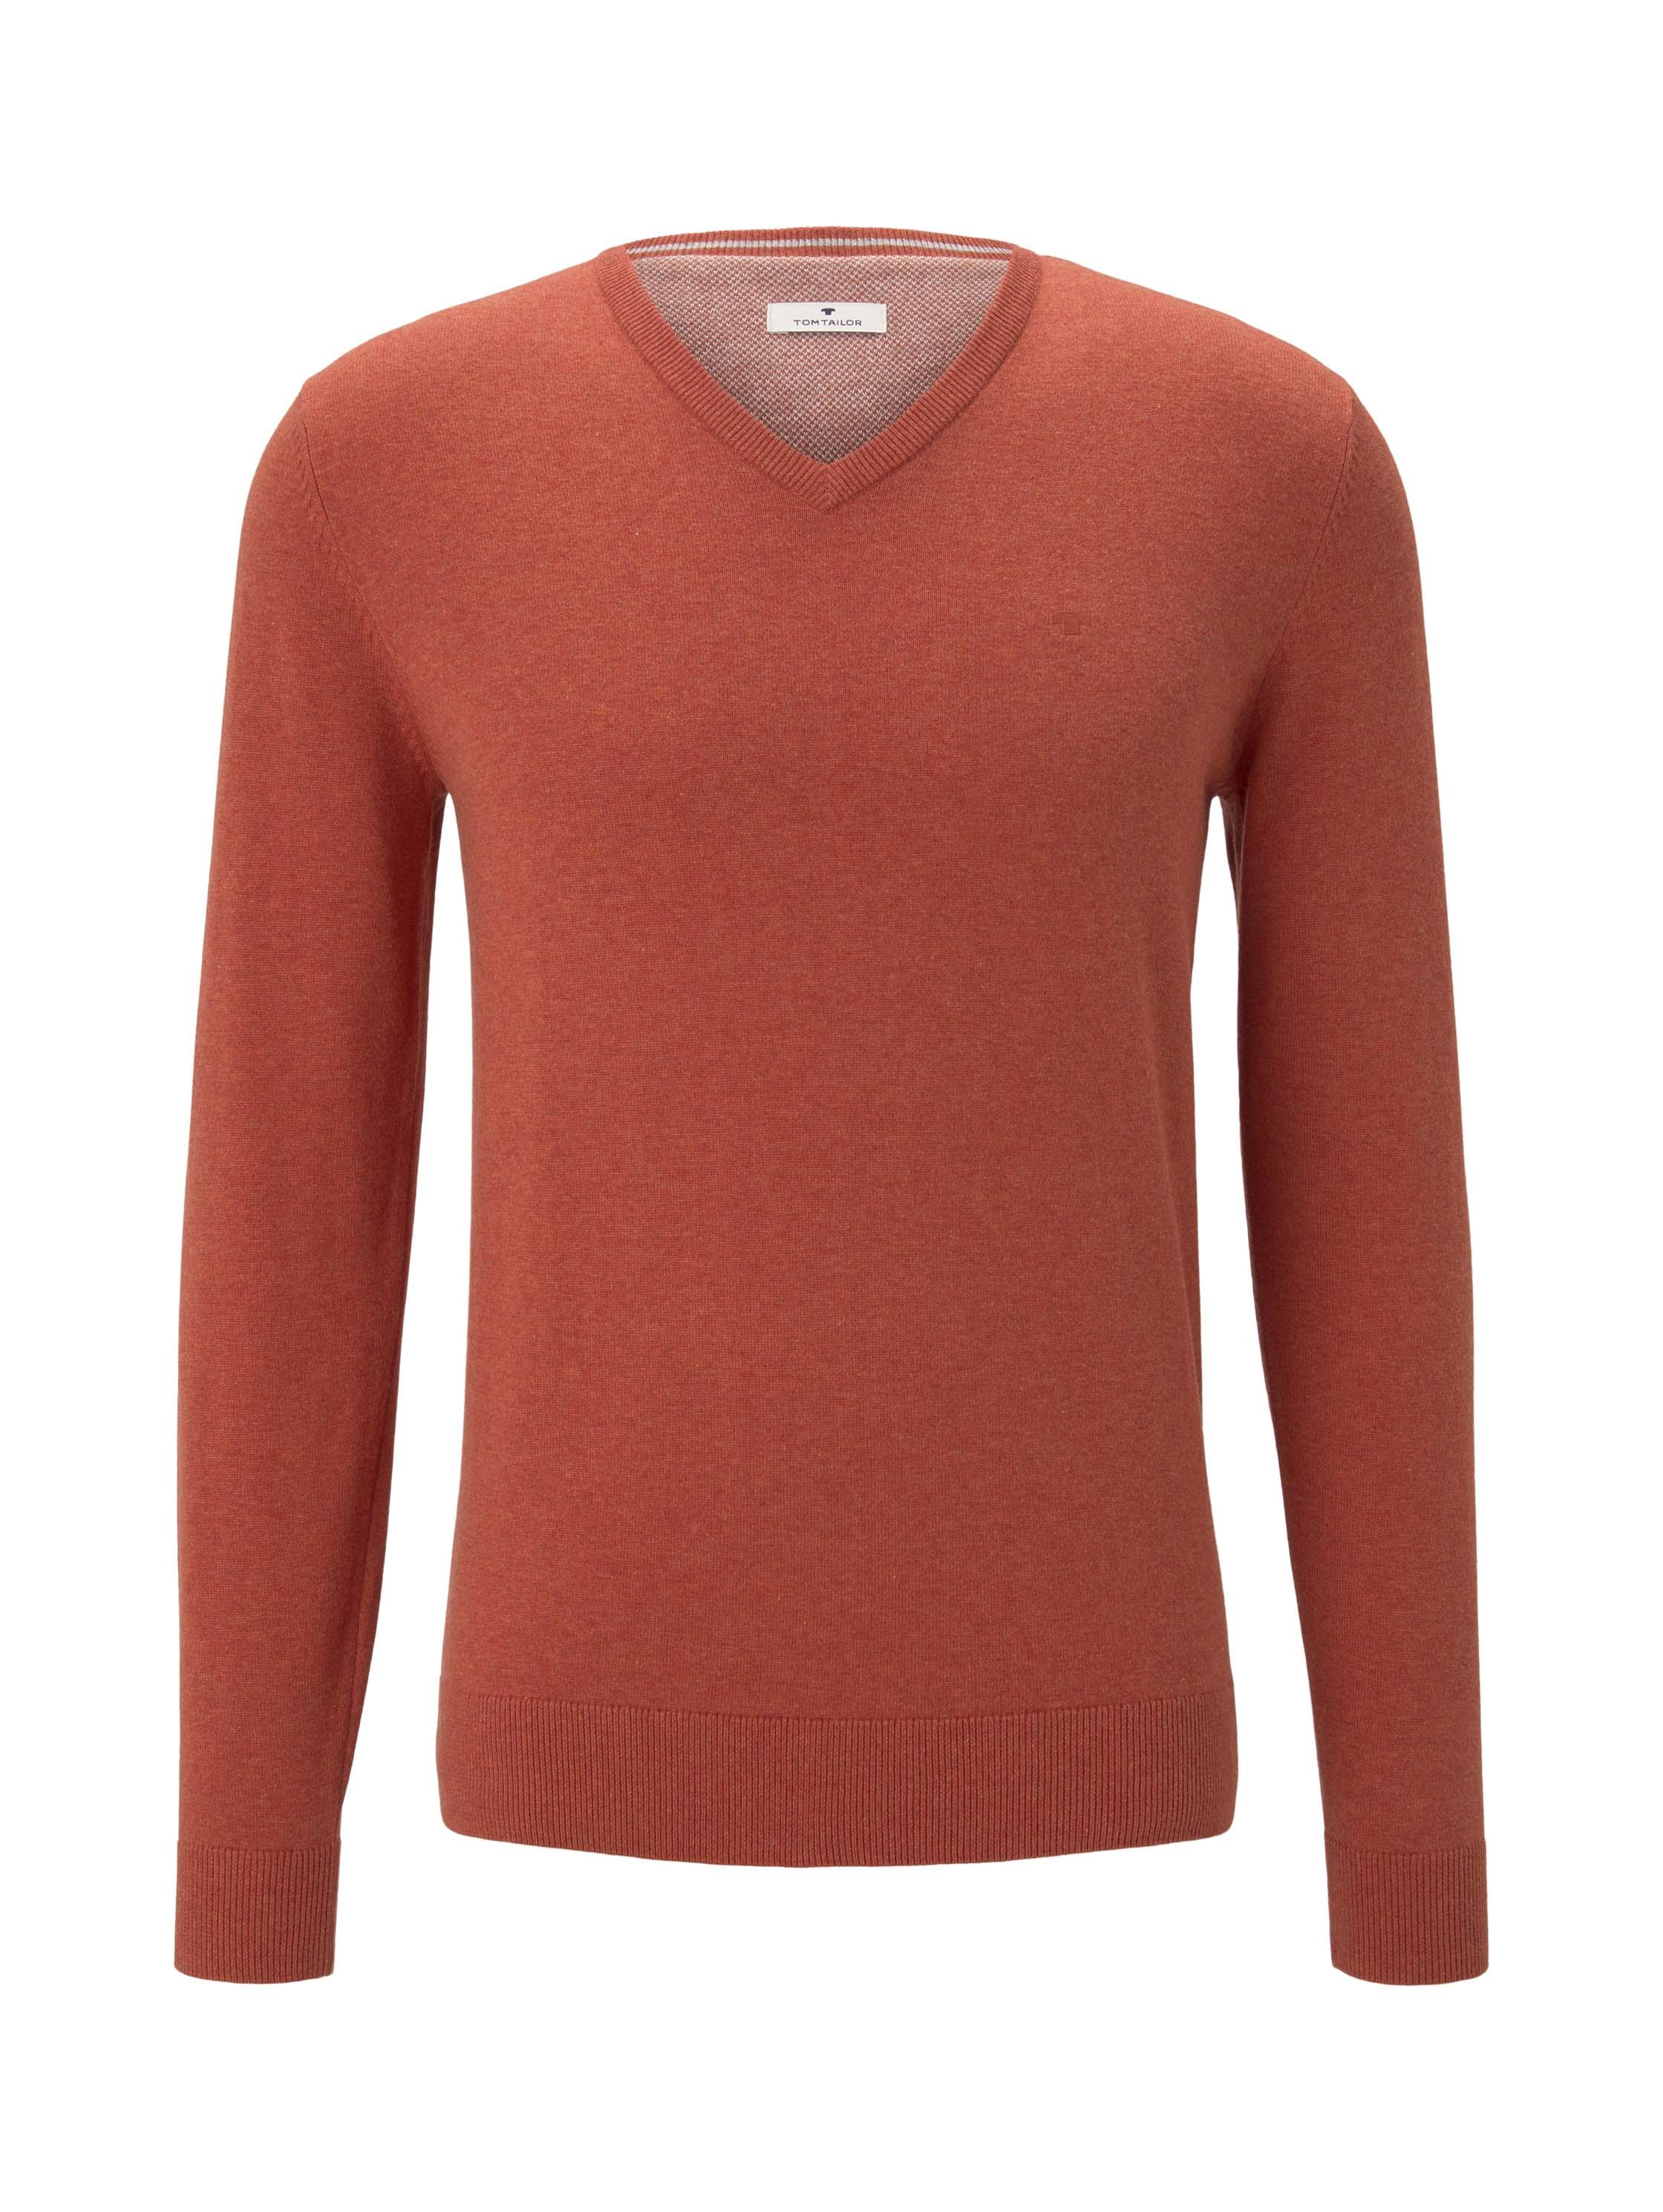 basic v neck sweater, heated orange melange